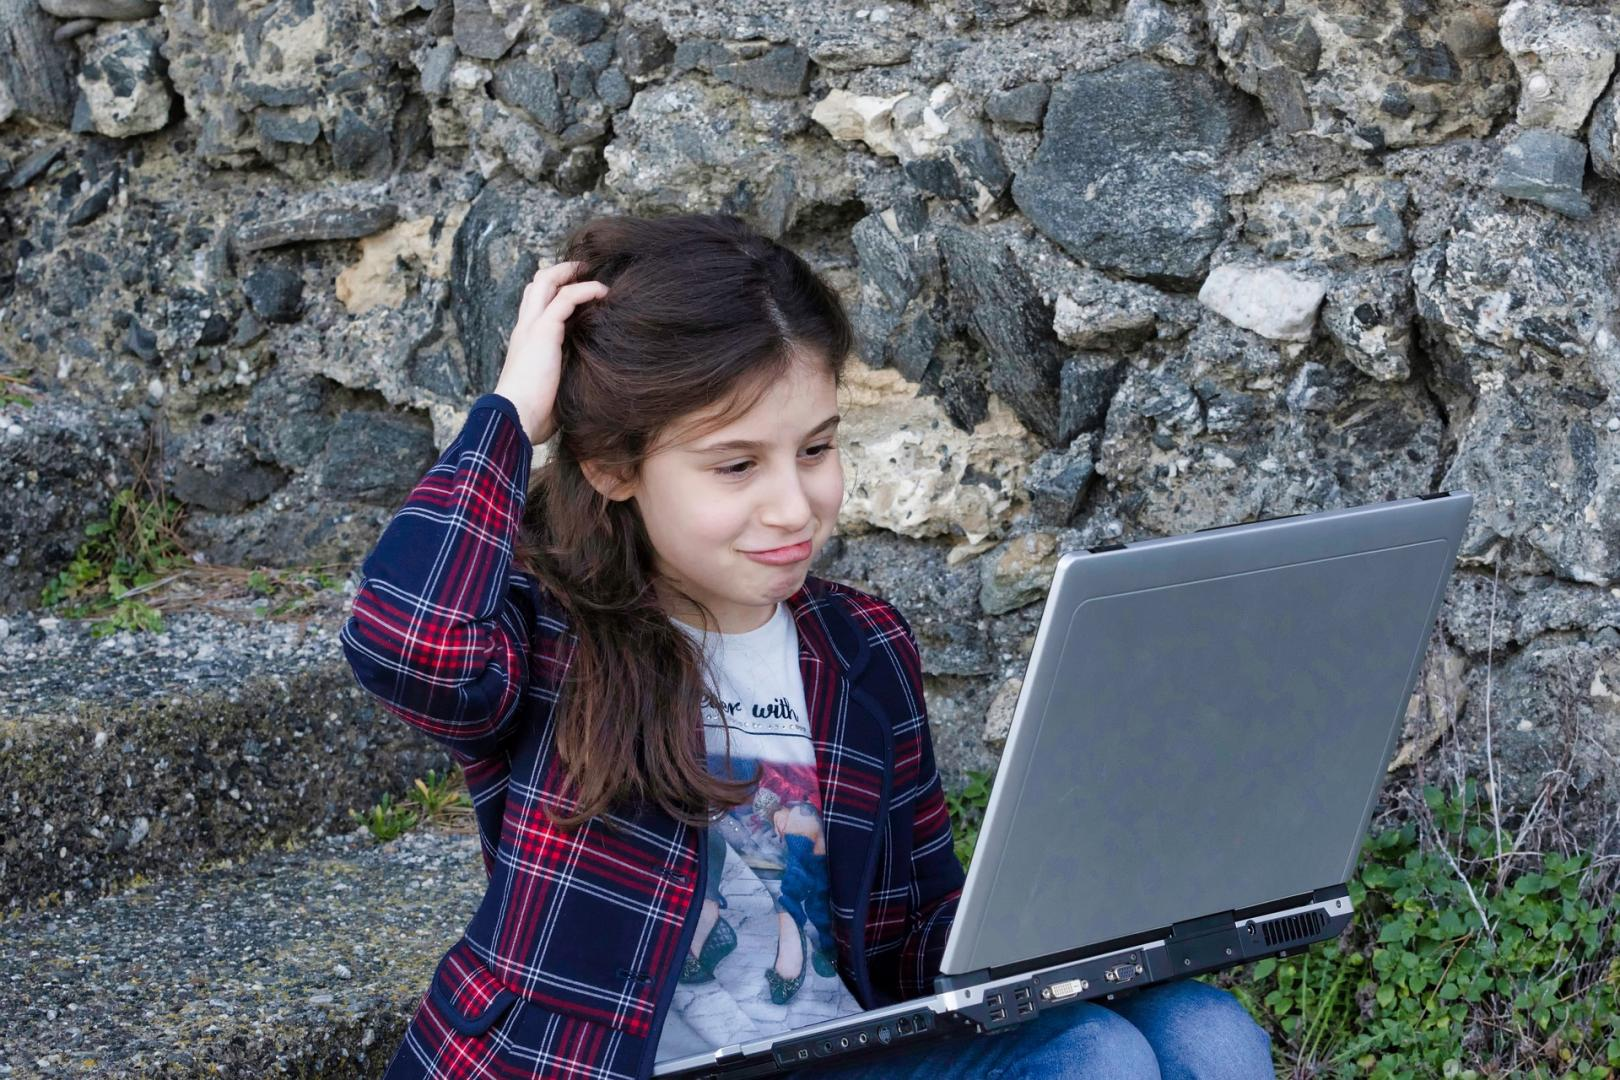 Kindertaugliche Suchmaschinen sind BlindeKuh, FragFINN, Helles Köpfchen und Qwant Junior.